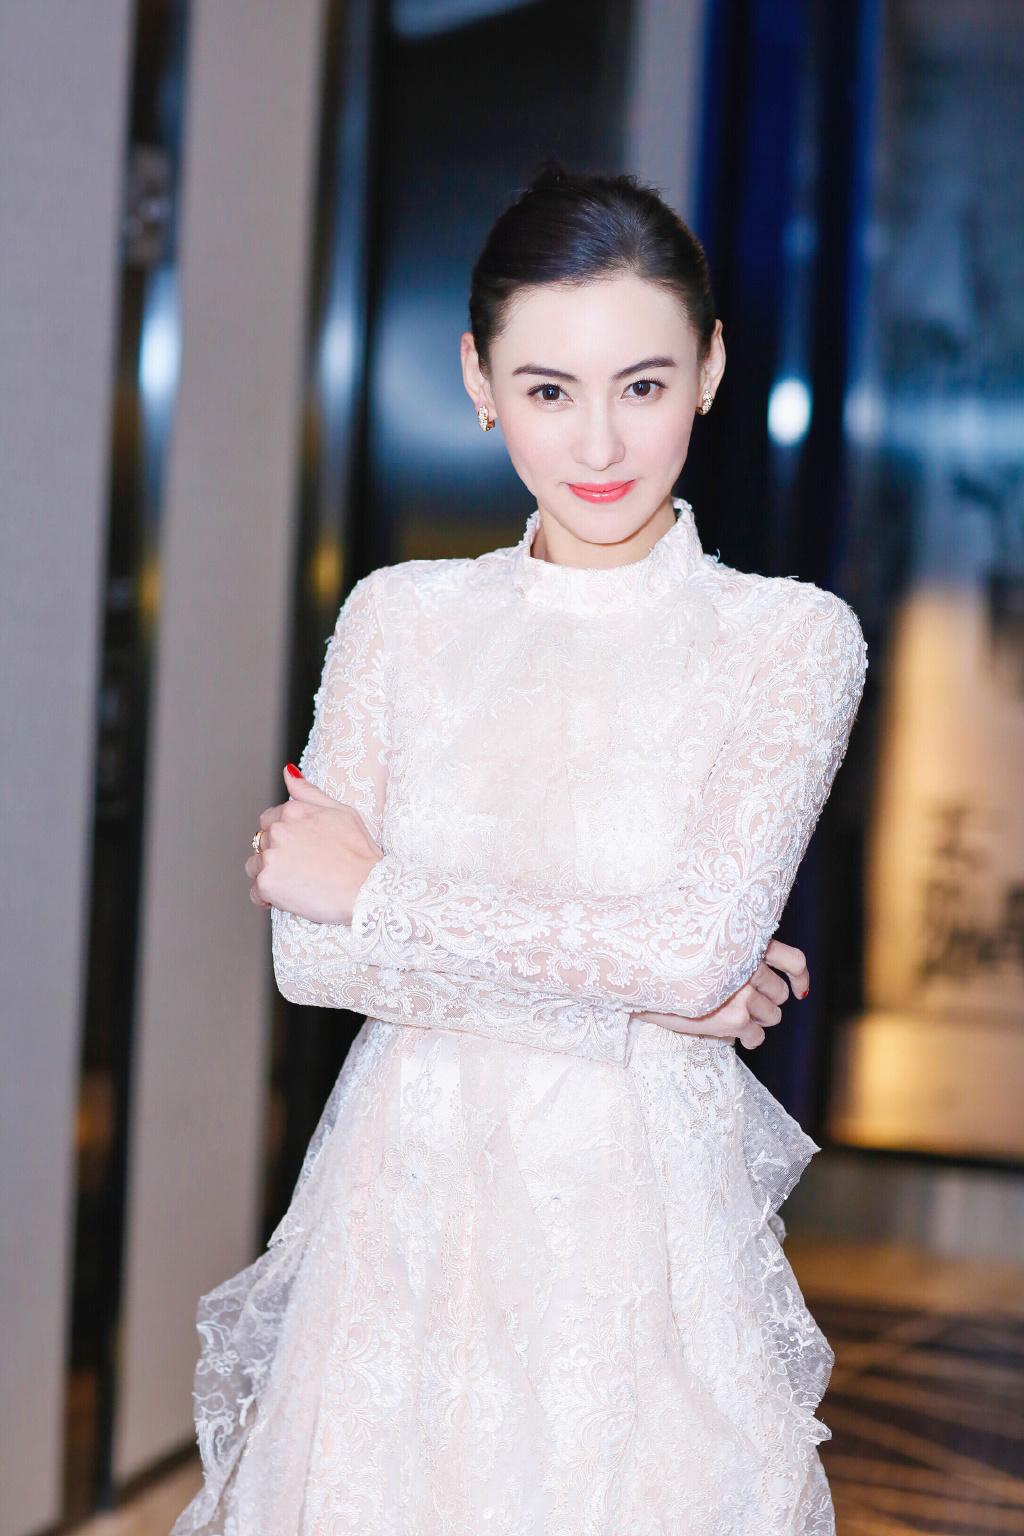 Trương Bá Chi bị 'bà trùm' làng giải trí chỉ trích sinh con mà không biết cha đứa bé là ai - Ảnh 5